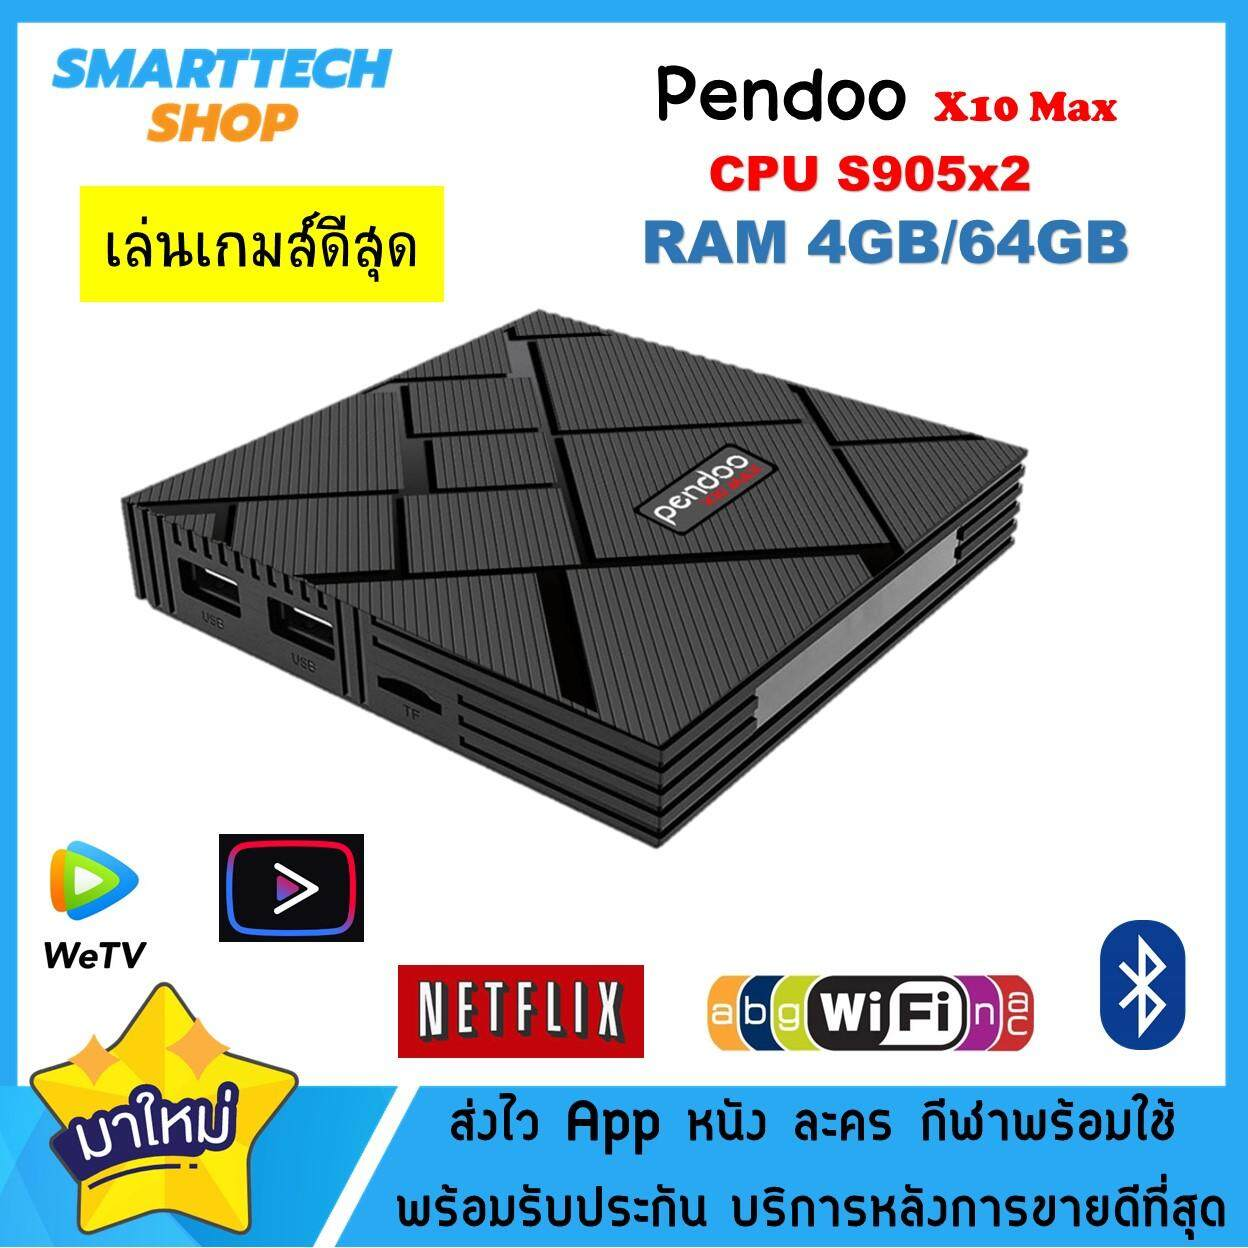 สอนใช้งาน  พะเยา กล่อง Android box Pendoo X10 Max Ram4 Rom64GB ของแรง ของแรง เล่นเกมส์ลื่น